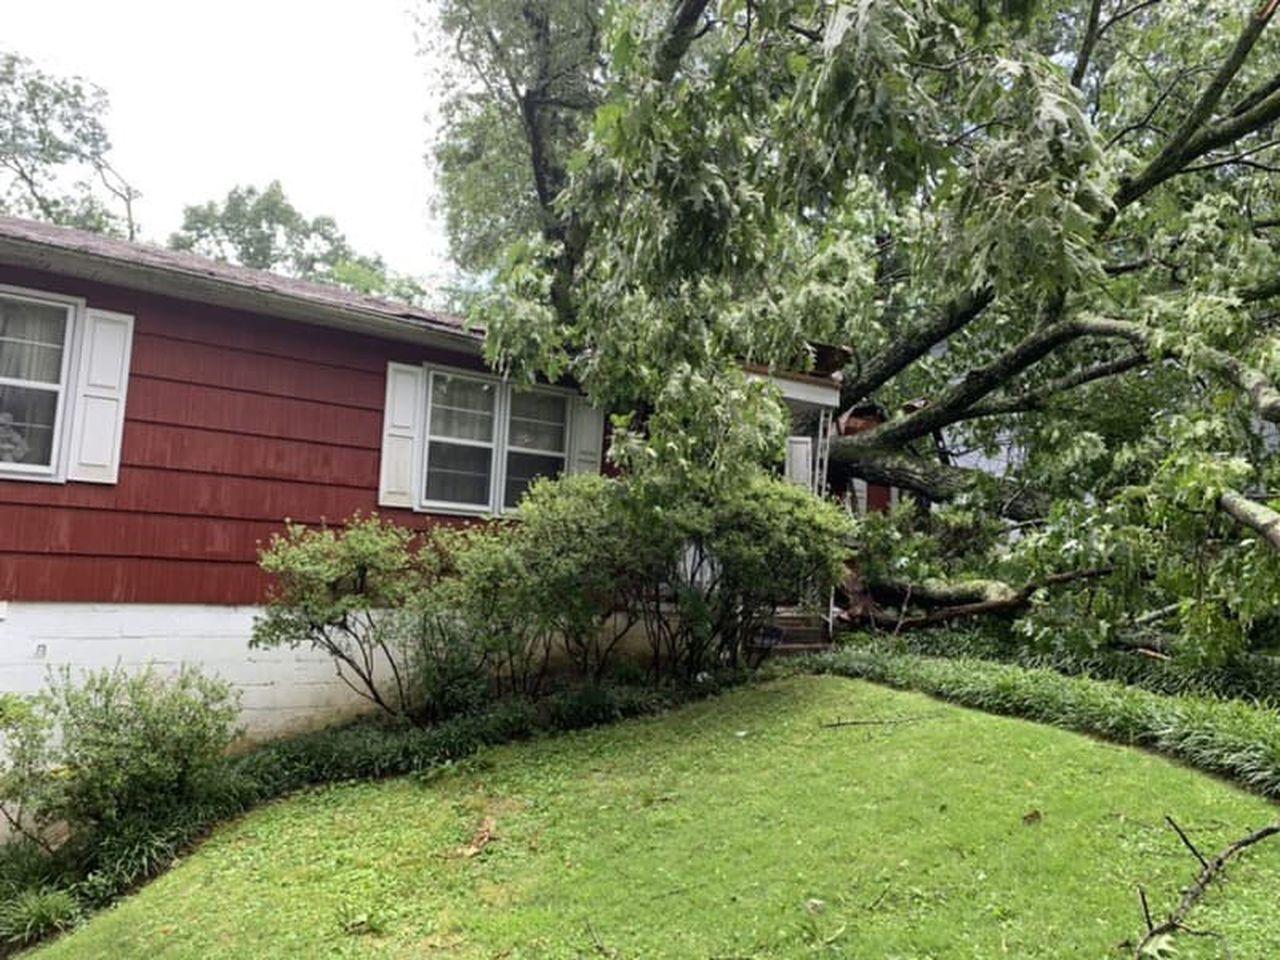 1 muerto después de que un árbol cayera sobre una casa en Birmingham